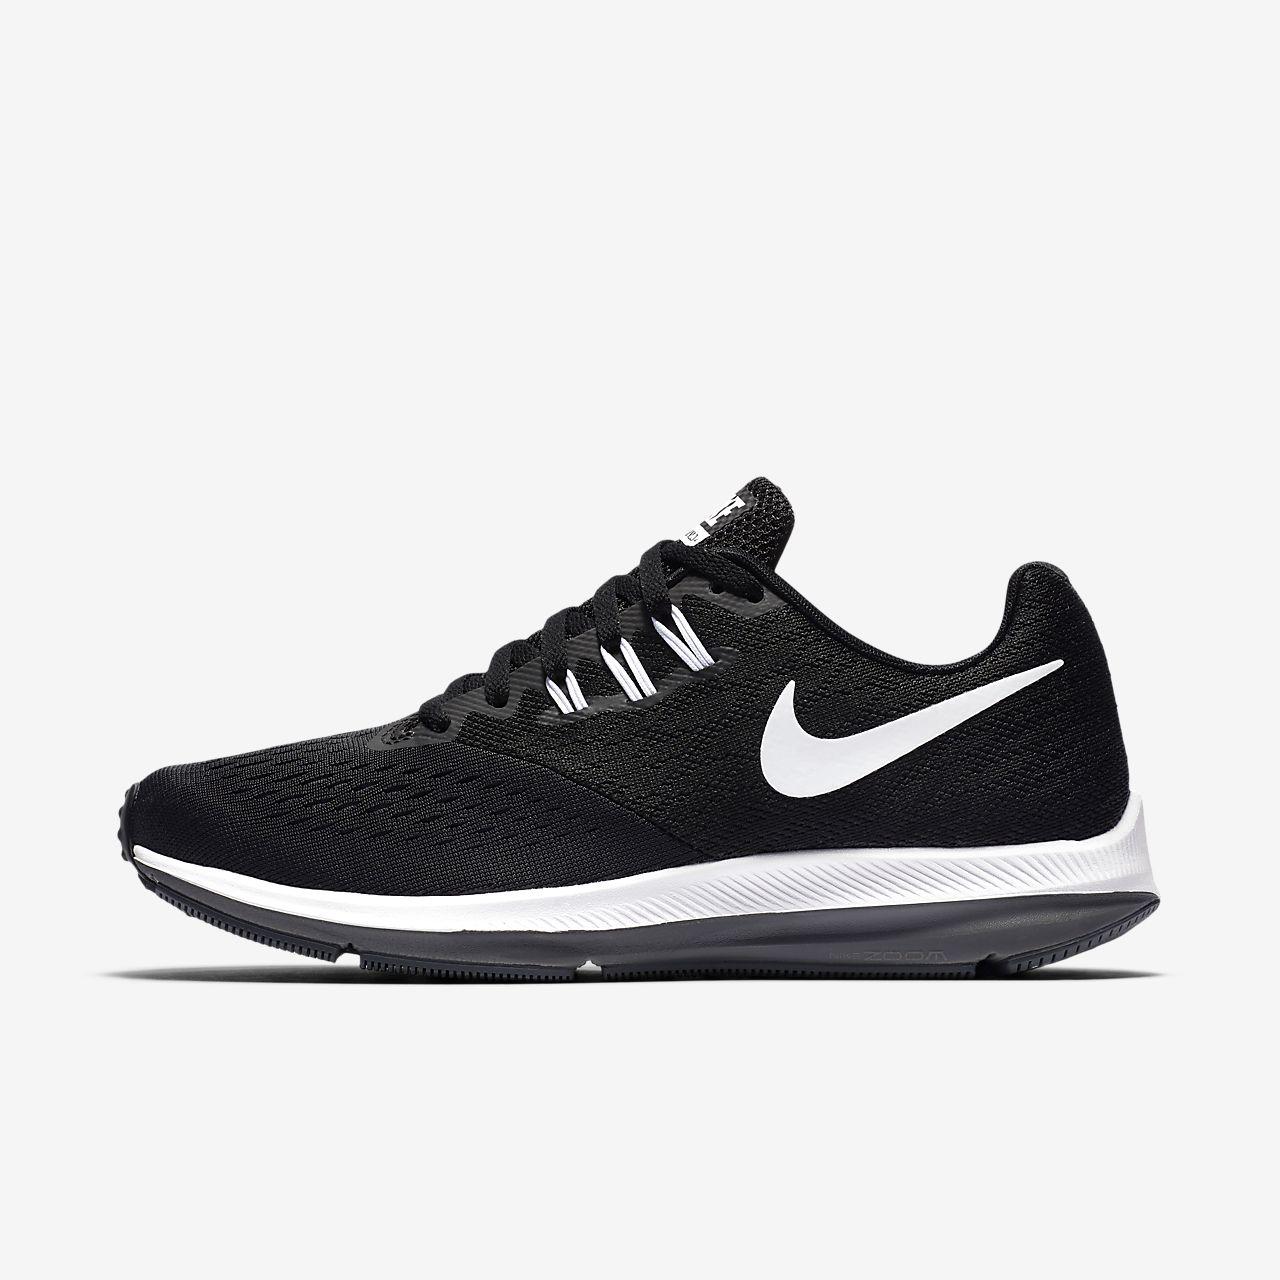 ... Nike Zoom Winflo 4 Damen-Laufschuh